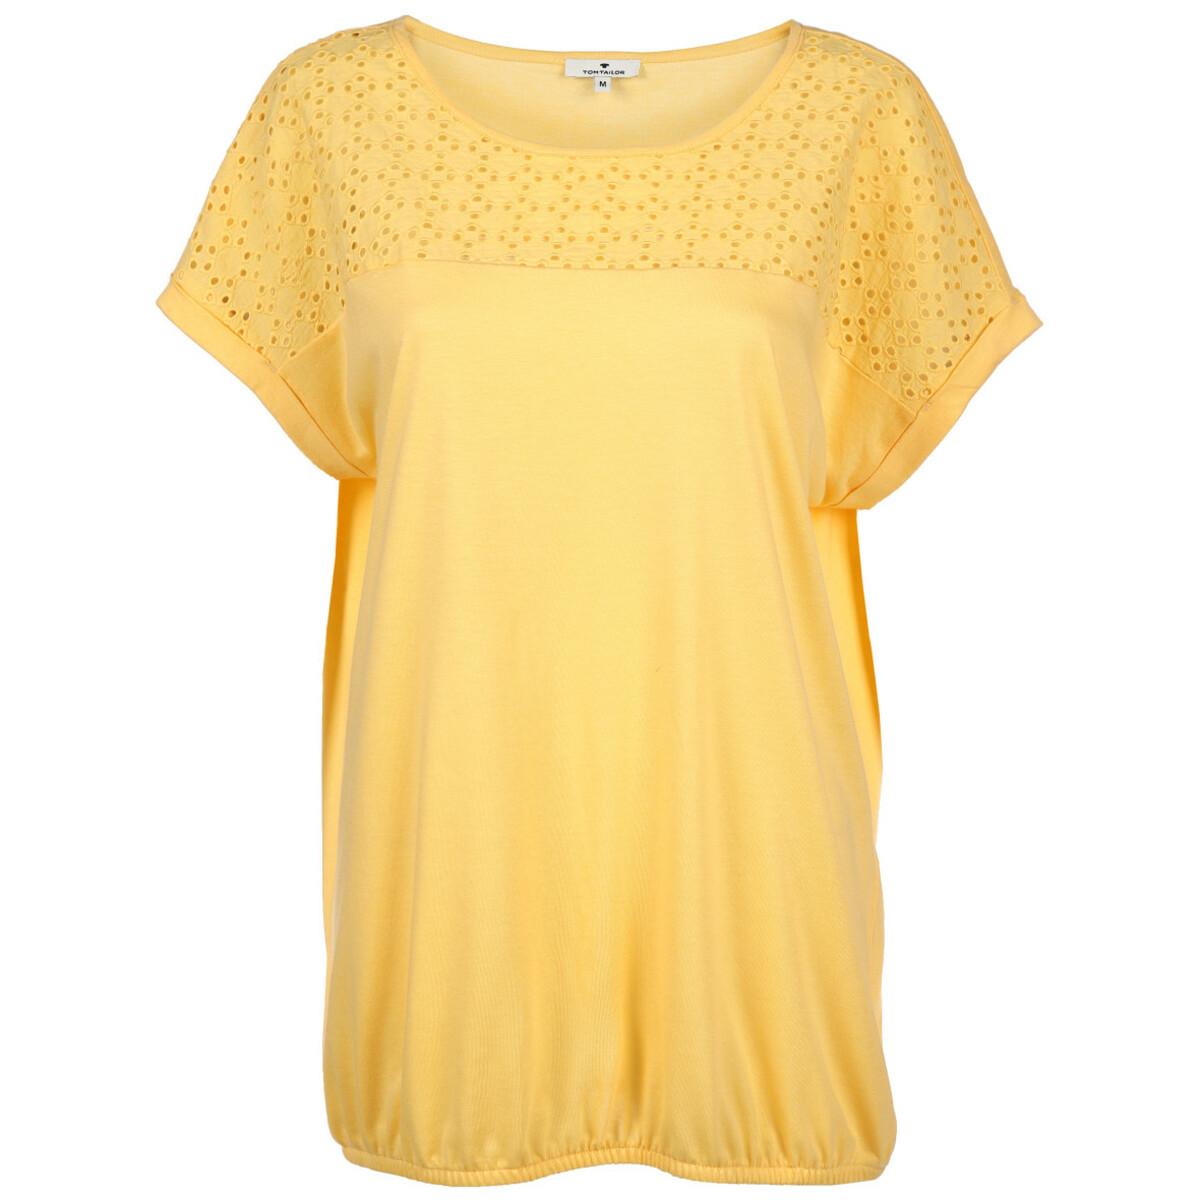 Bild 1 von Damen Shirt mit Lochstickerei